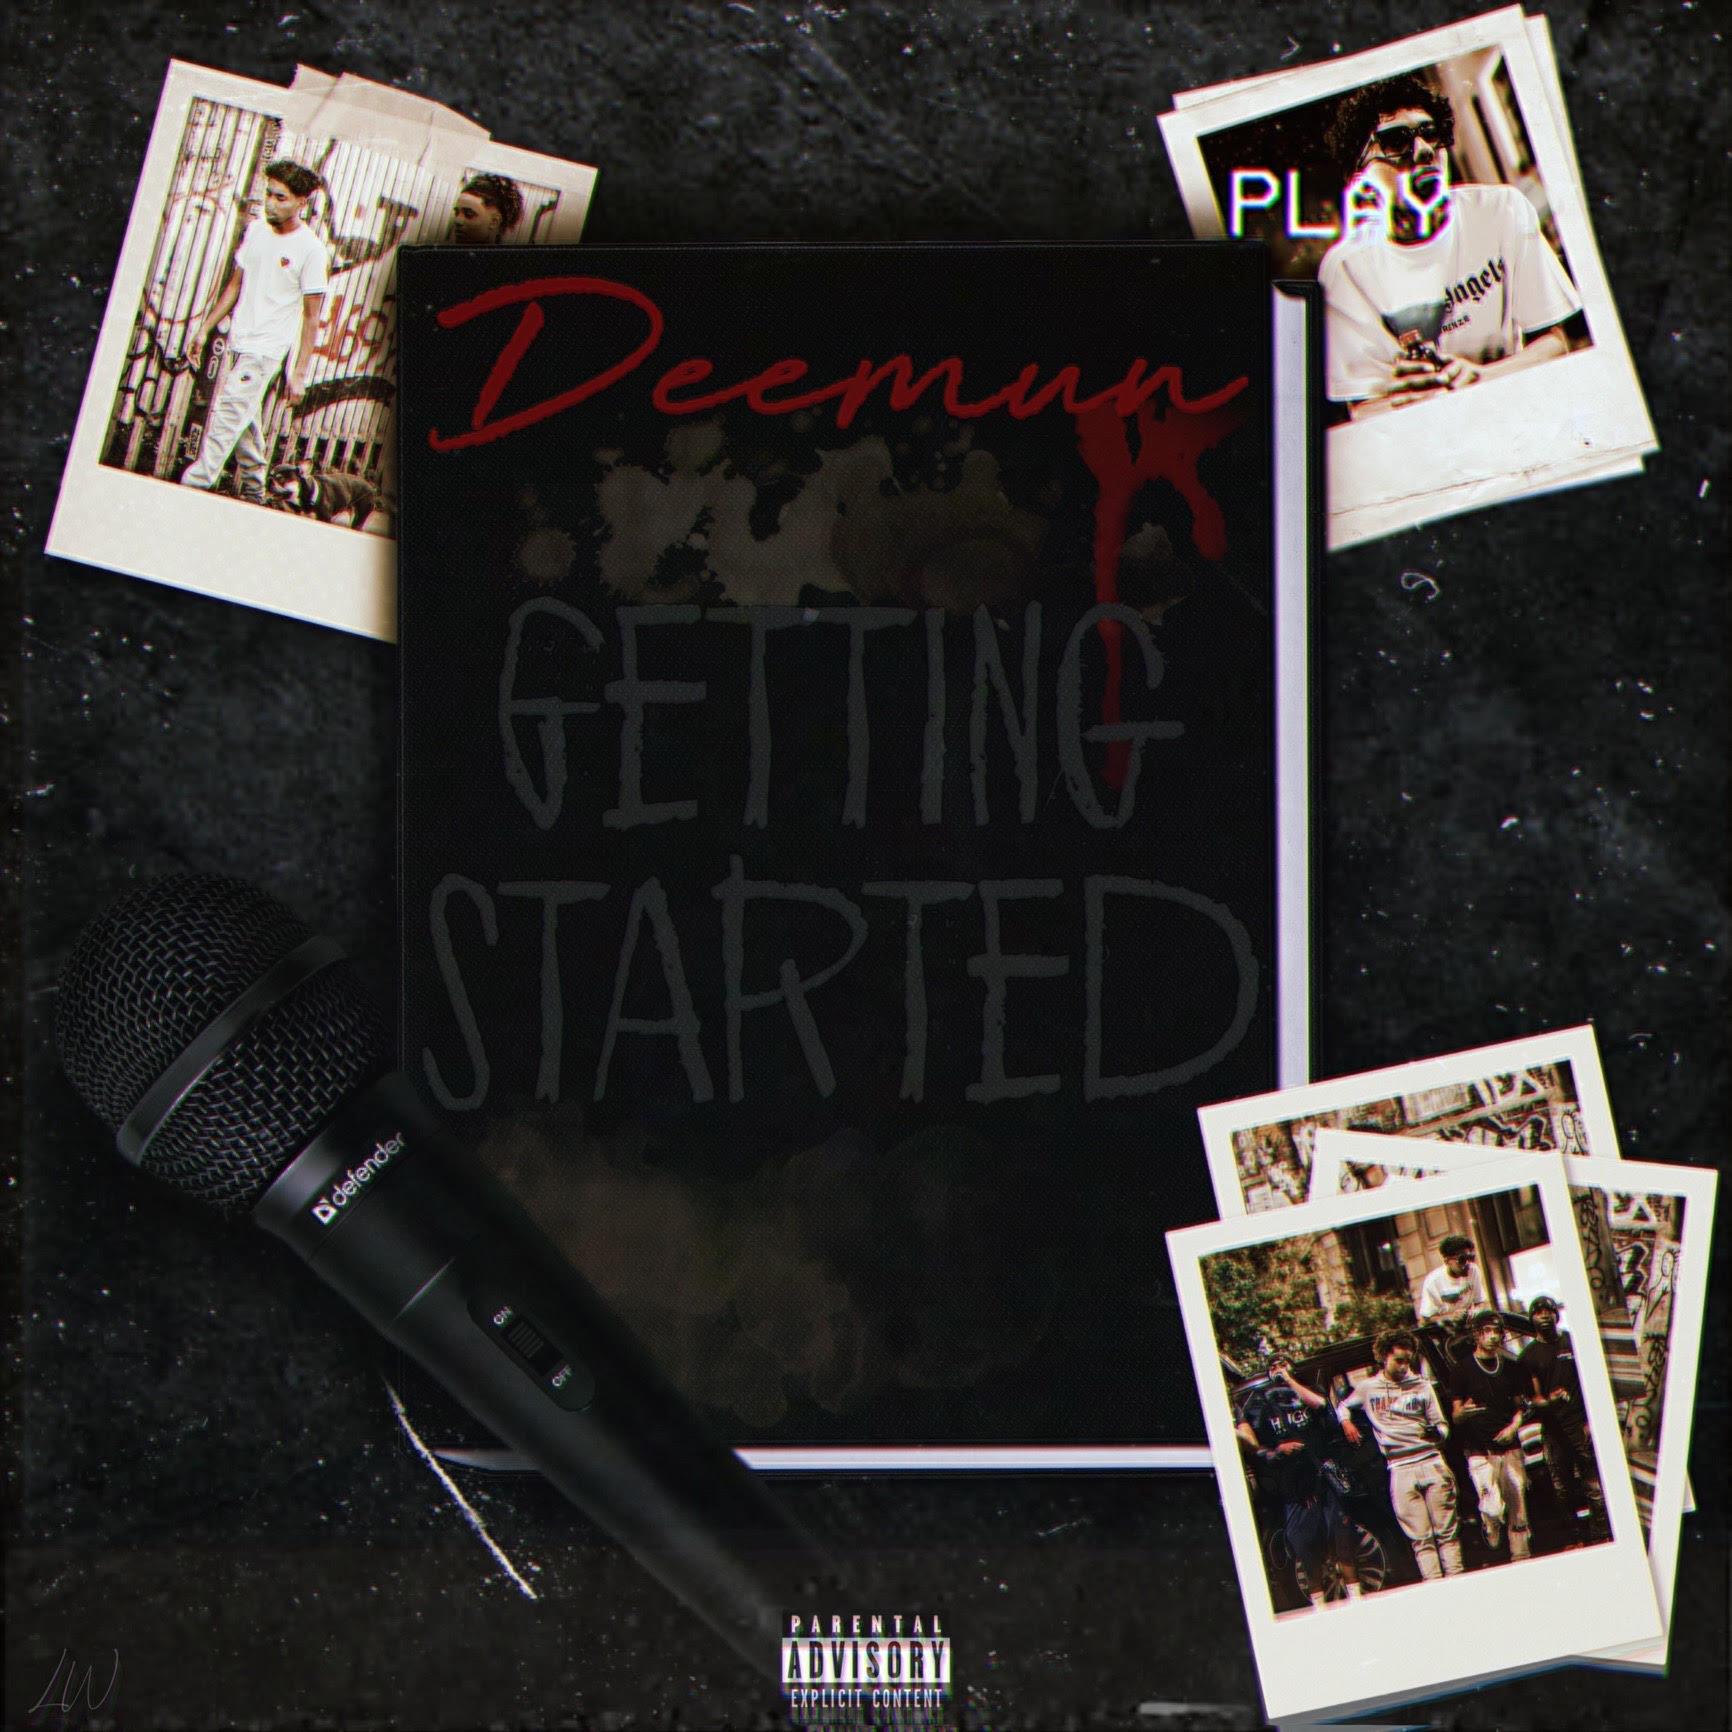 New Video: Deemun – Getting Started | @deemunnn @offlimitsrecords